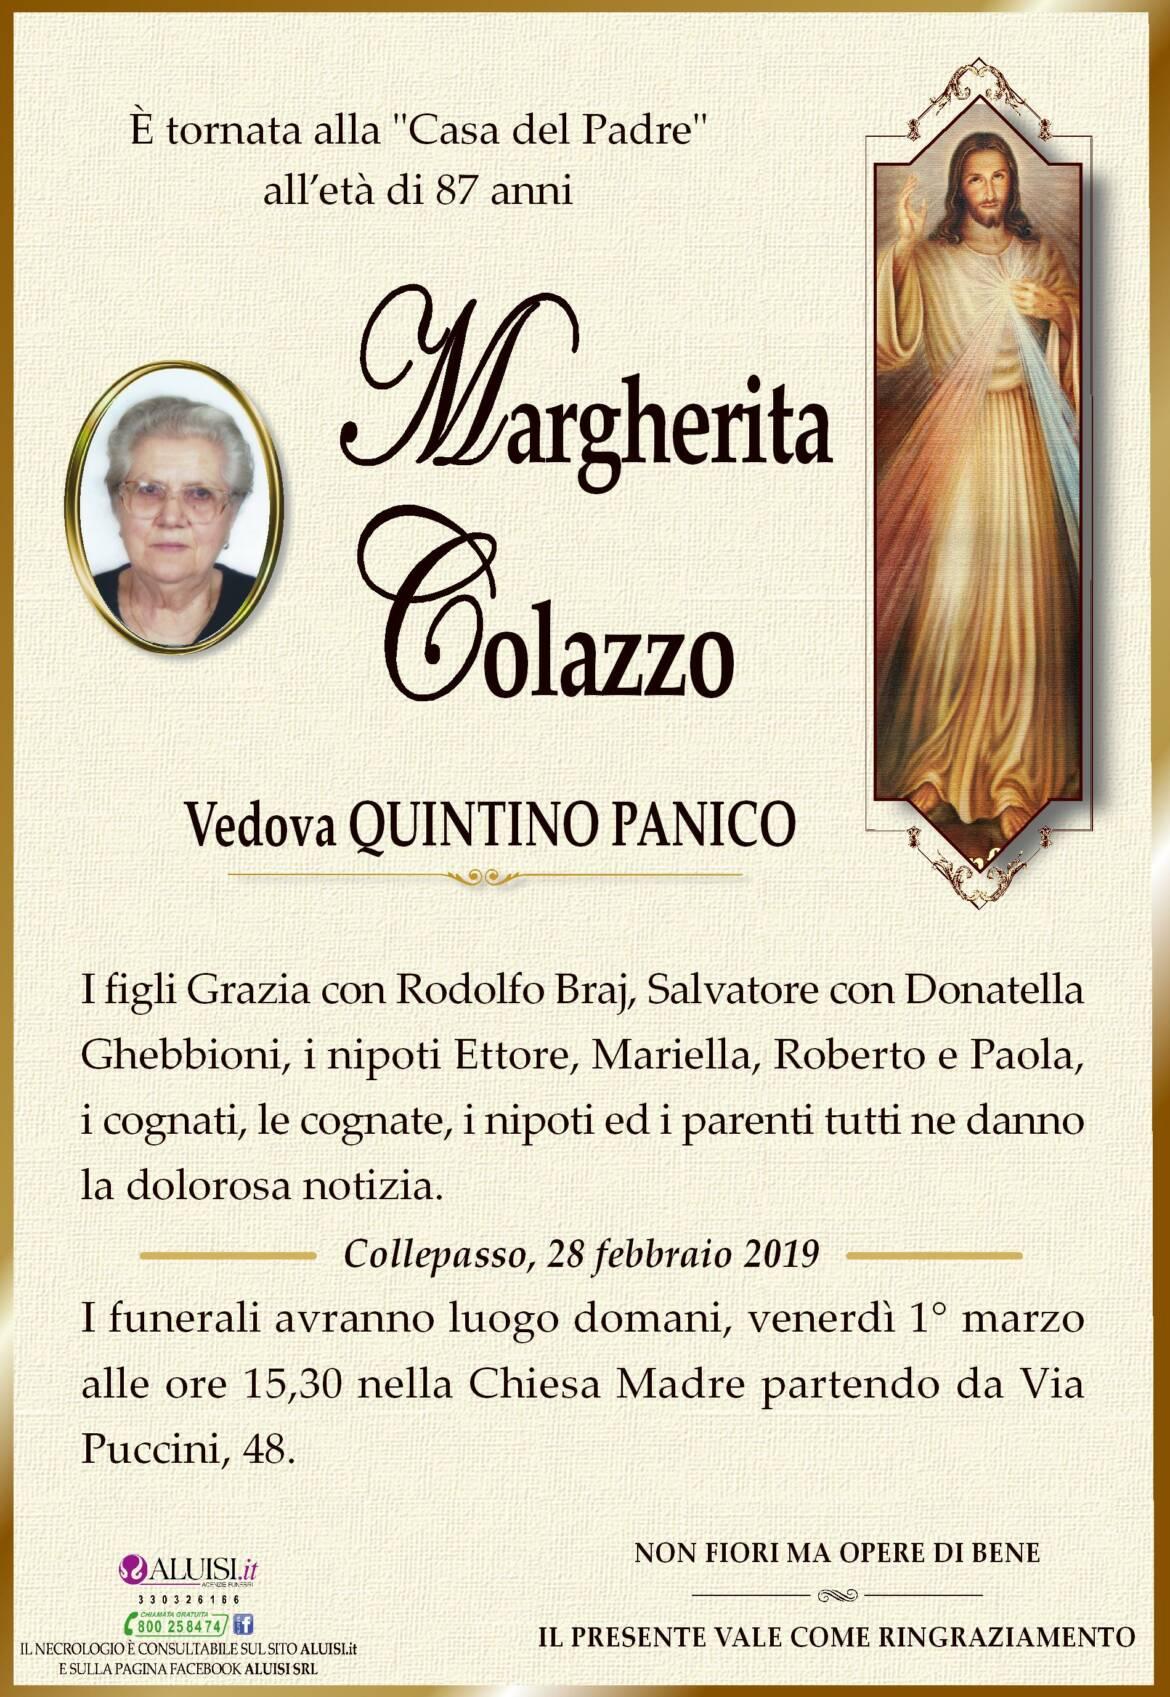 annuncio-MARGHERITA-COLAZZO-fb.jpg